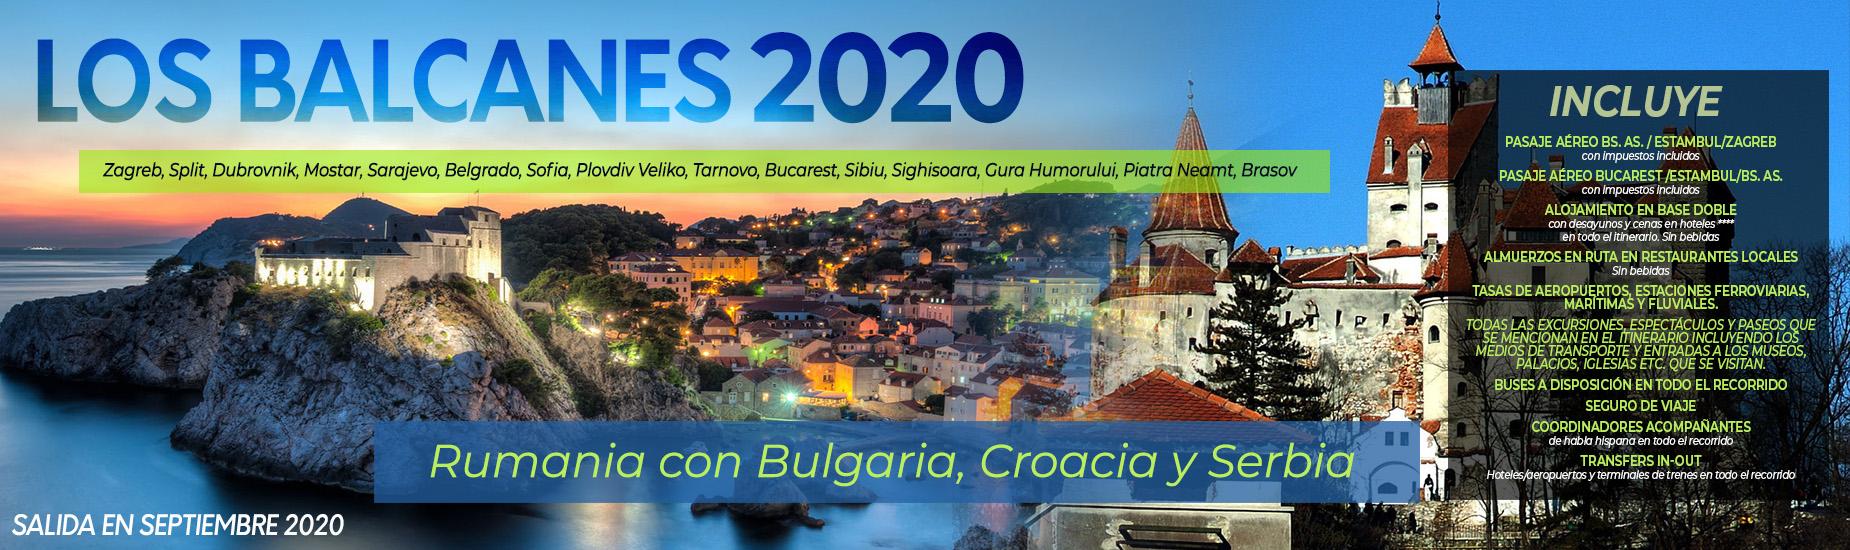 Los Balcanes 2020